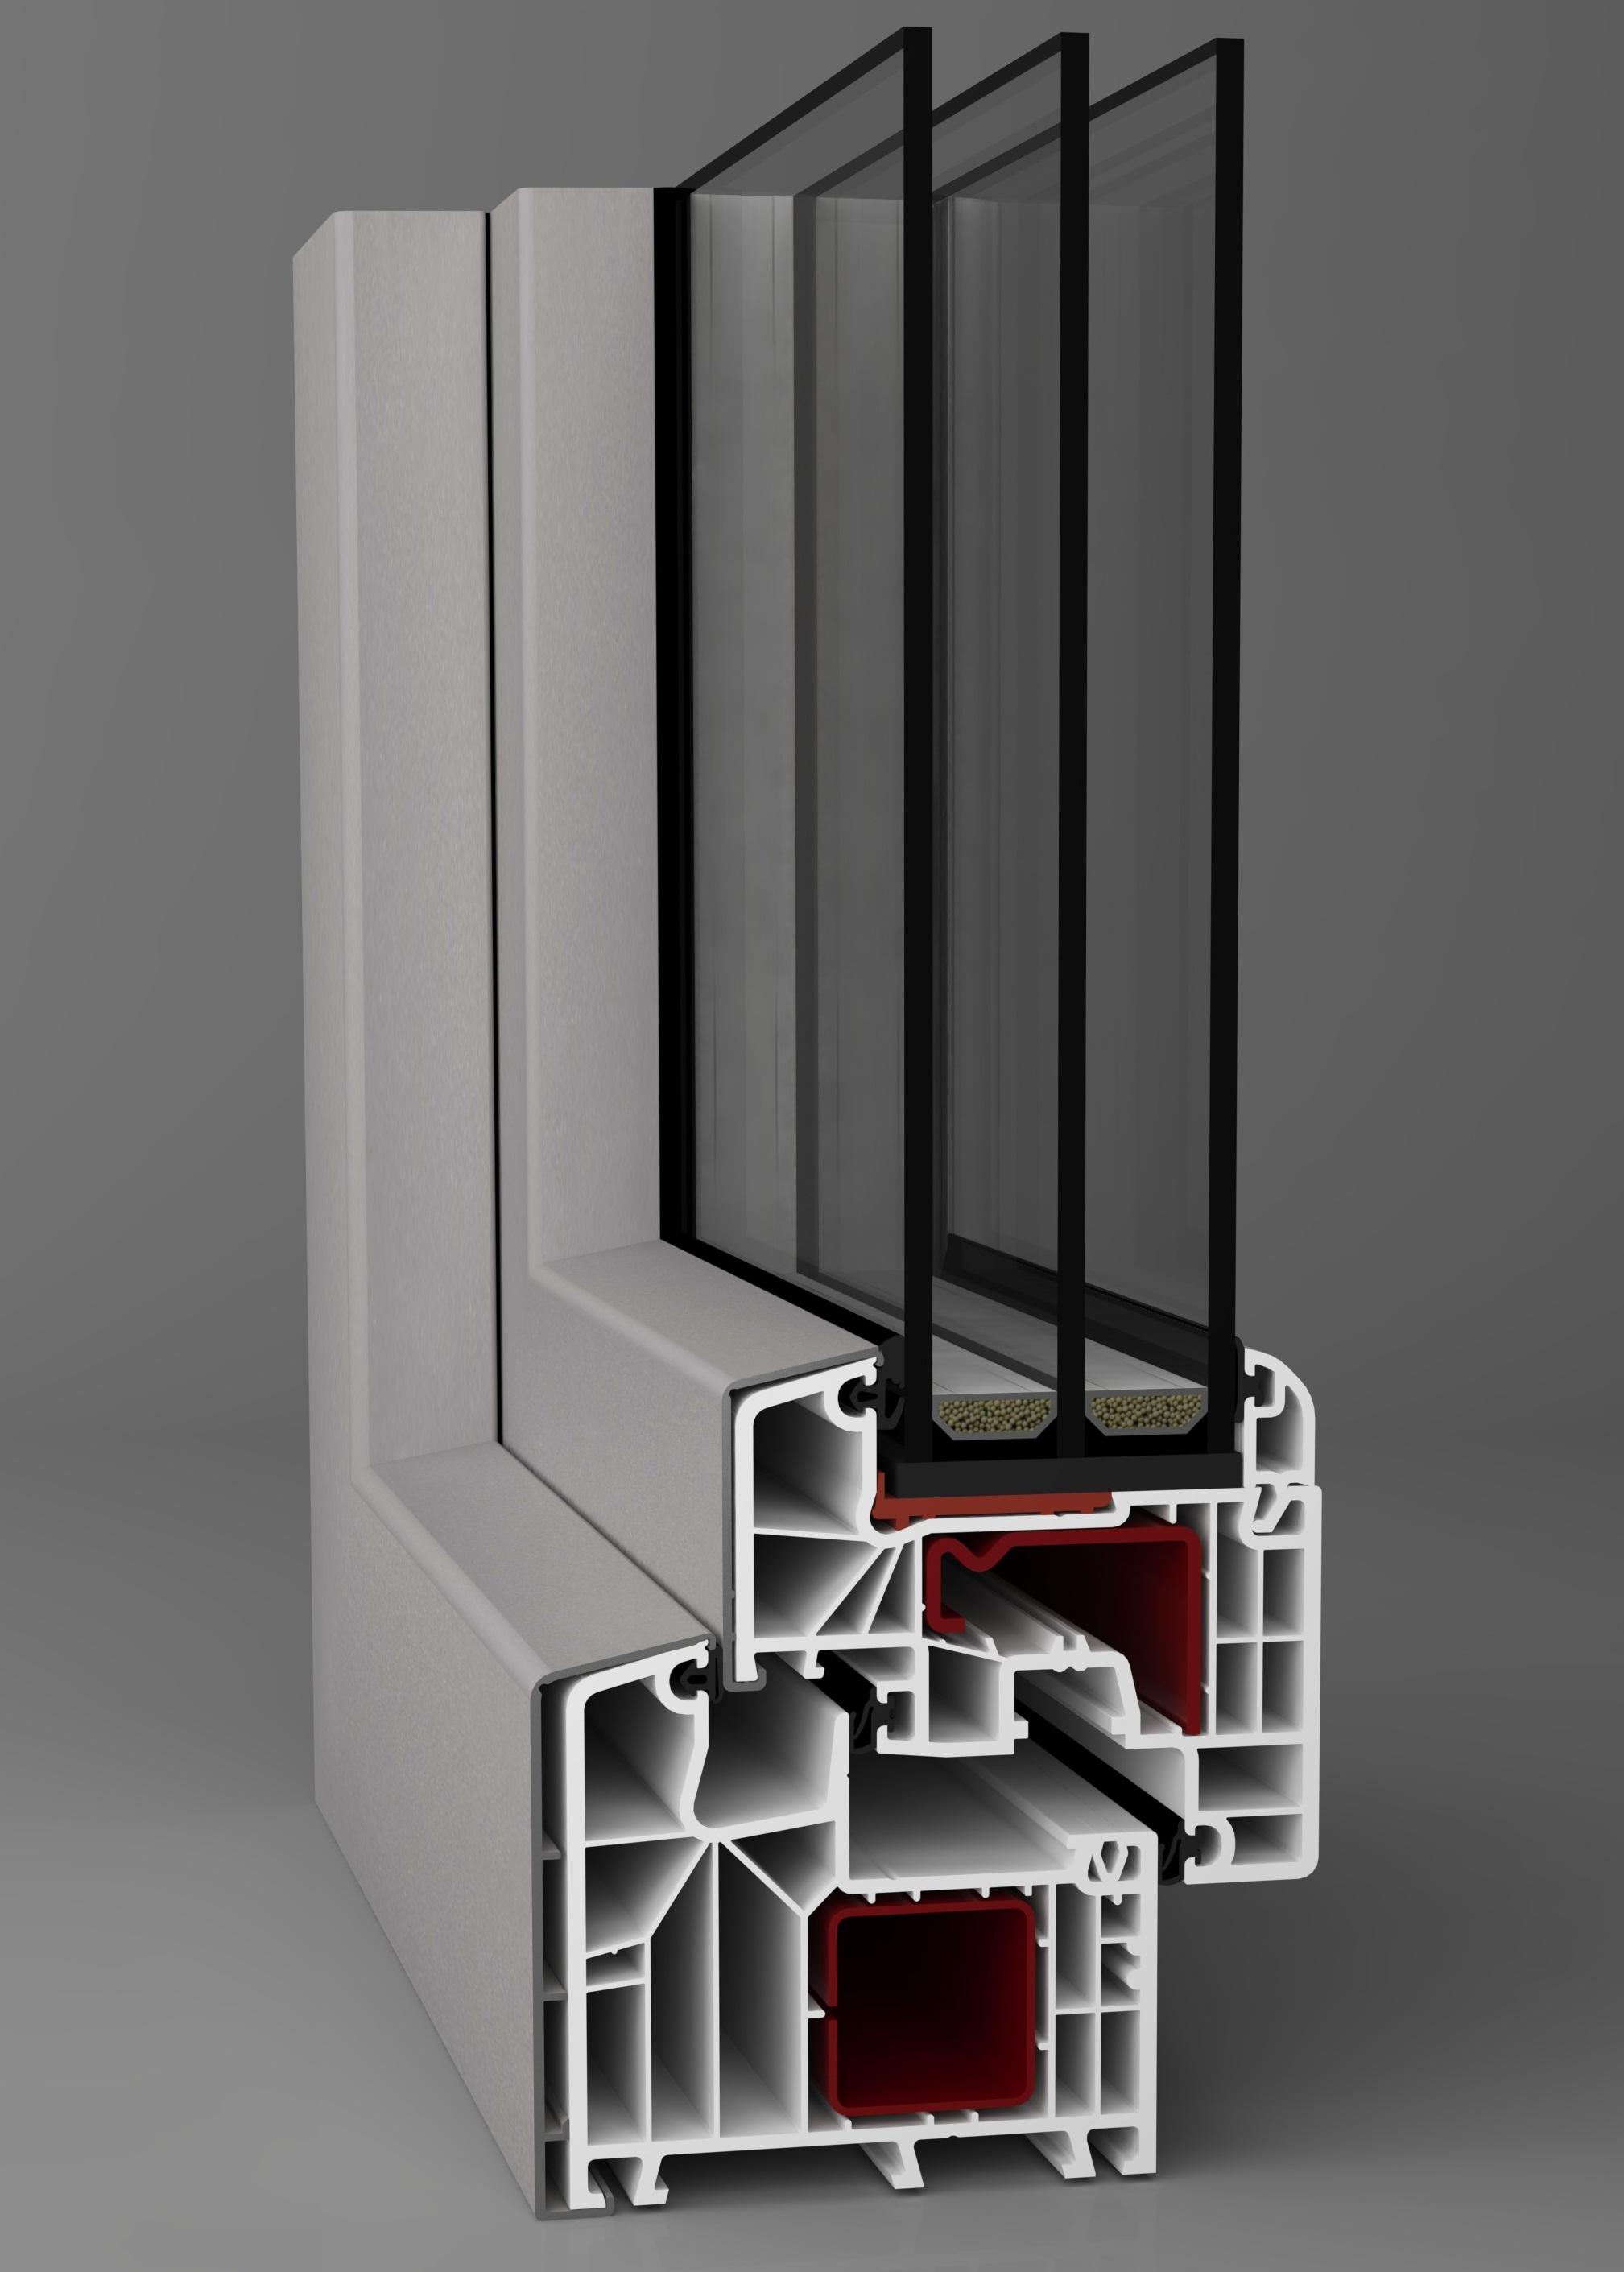 Dodatečné hliníkové opláštění oken Aluskin pro okenní systémy Midea, Supra, Supra energeto